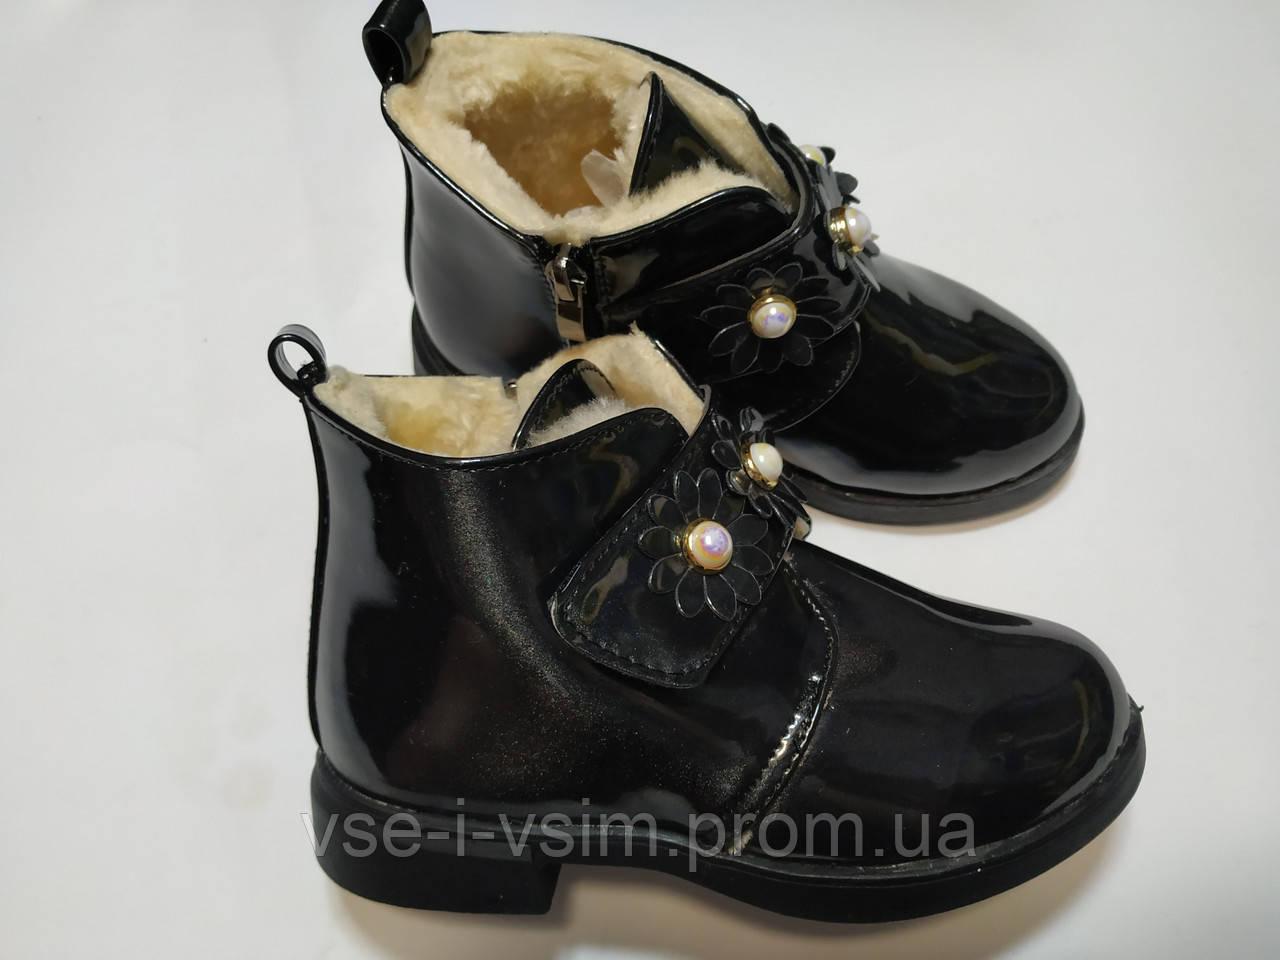 Ботинки для девочки Зима 29 р 16.5 см